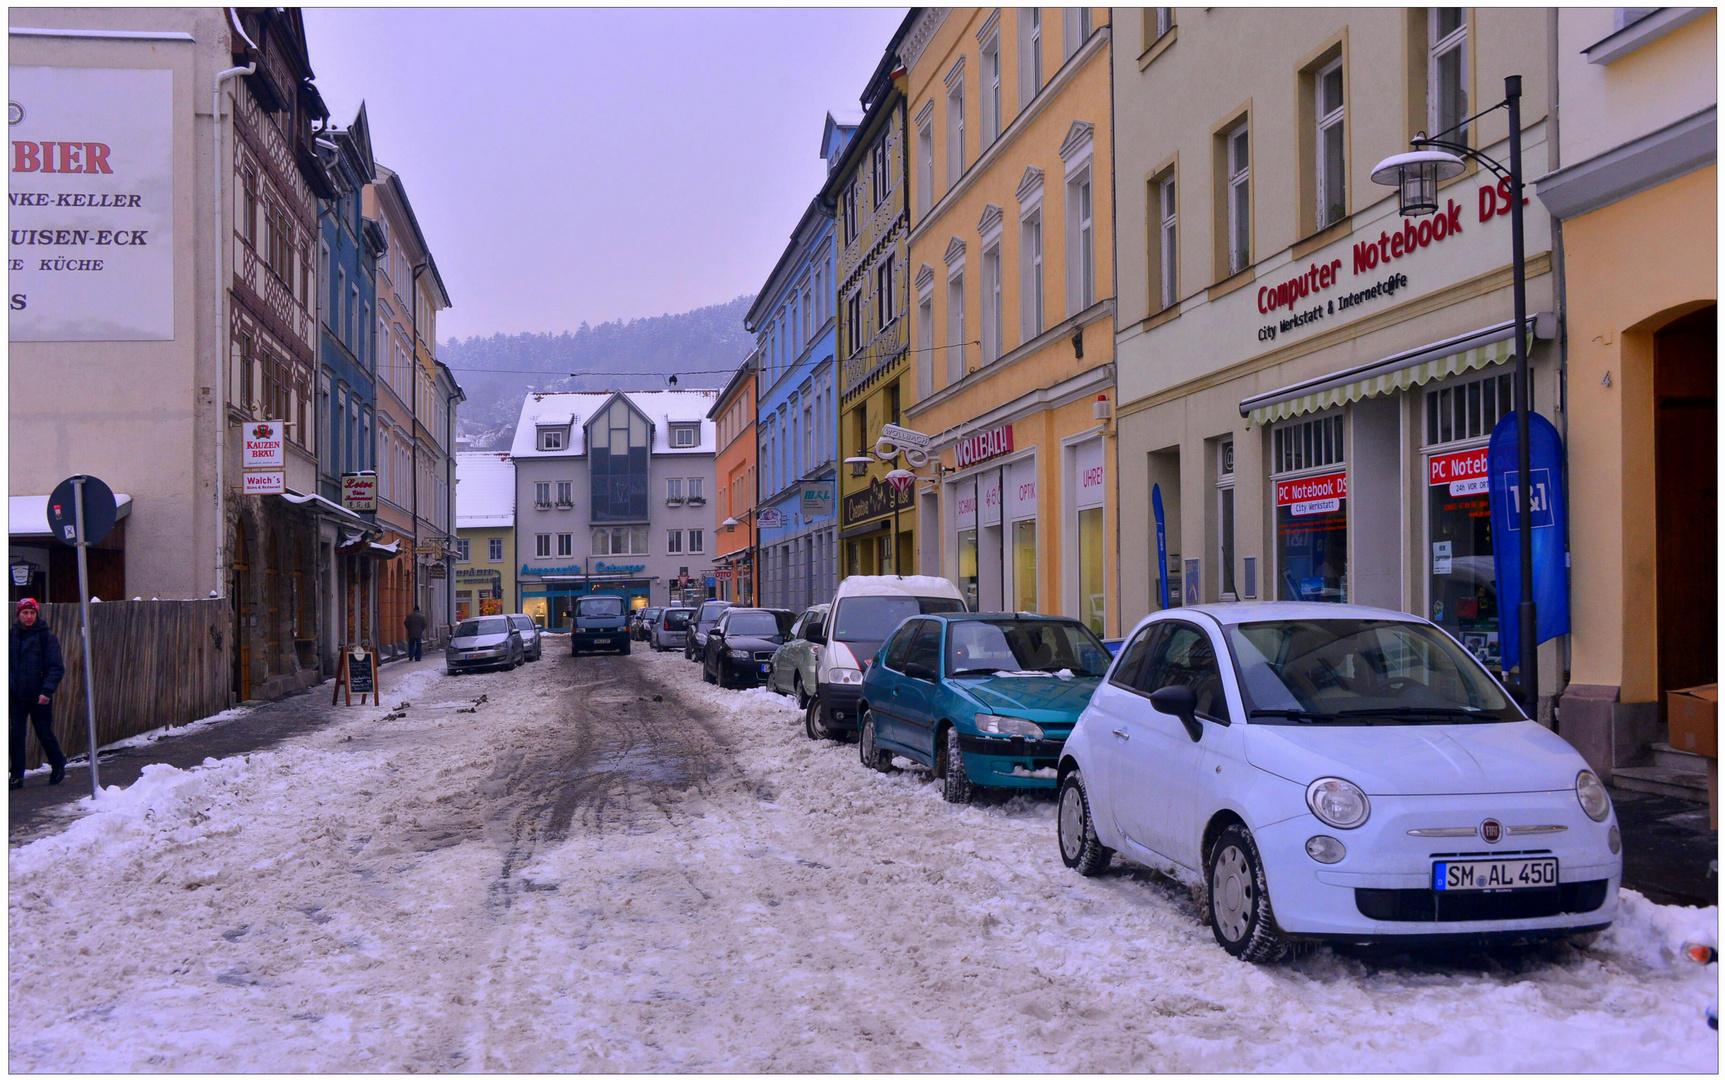 Meiningen, winterliche Impressionen IV (sensación invernal IV)